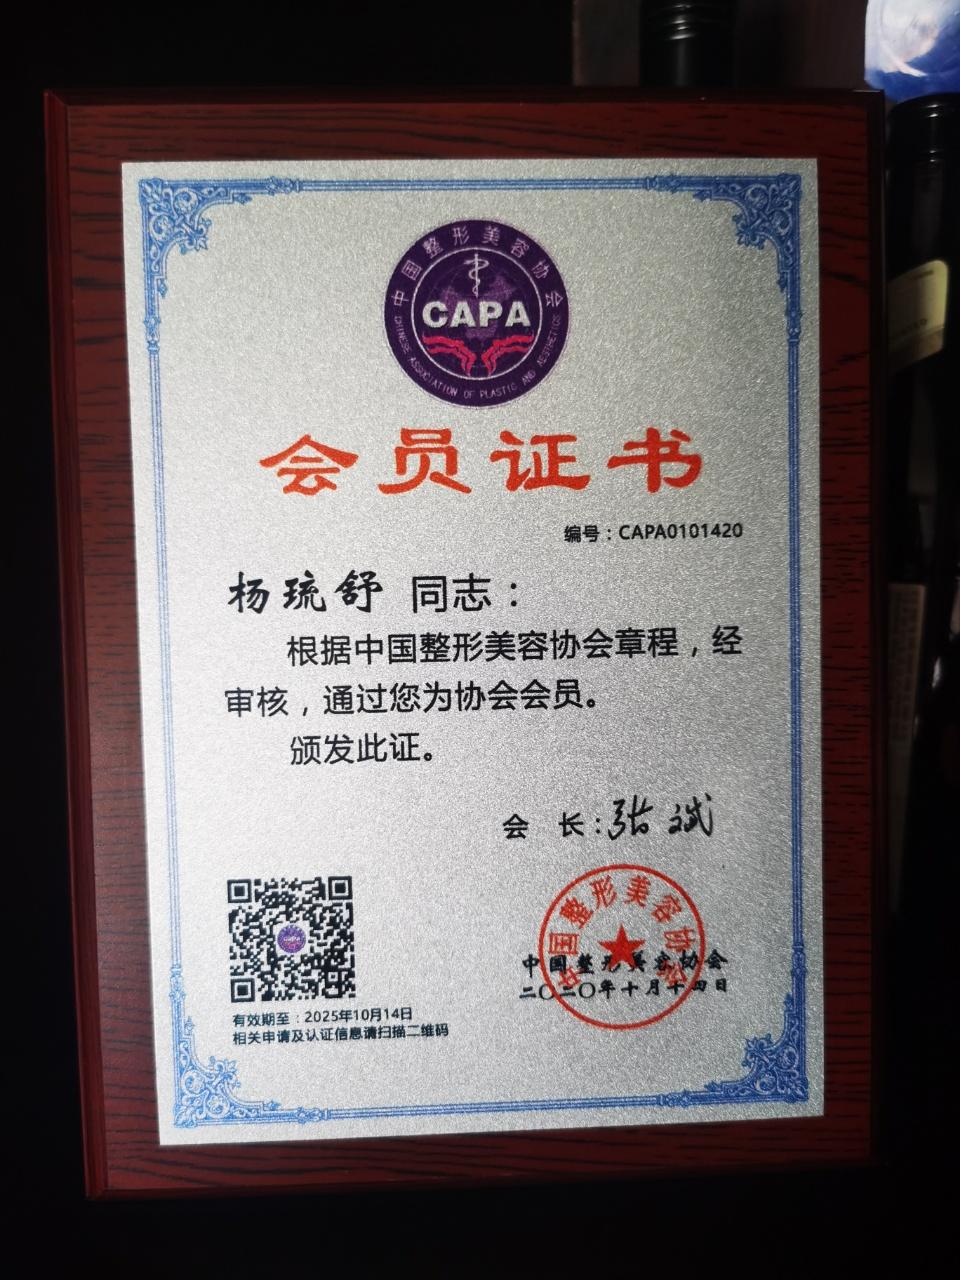 杨琉舒中国整形美容协会会员证书